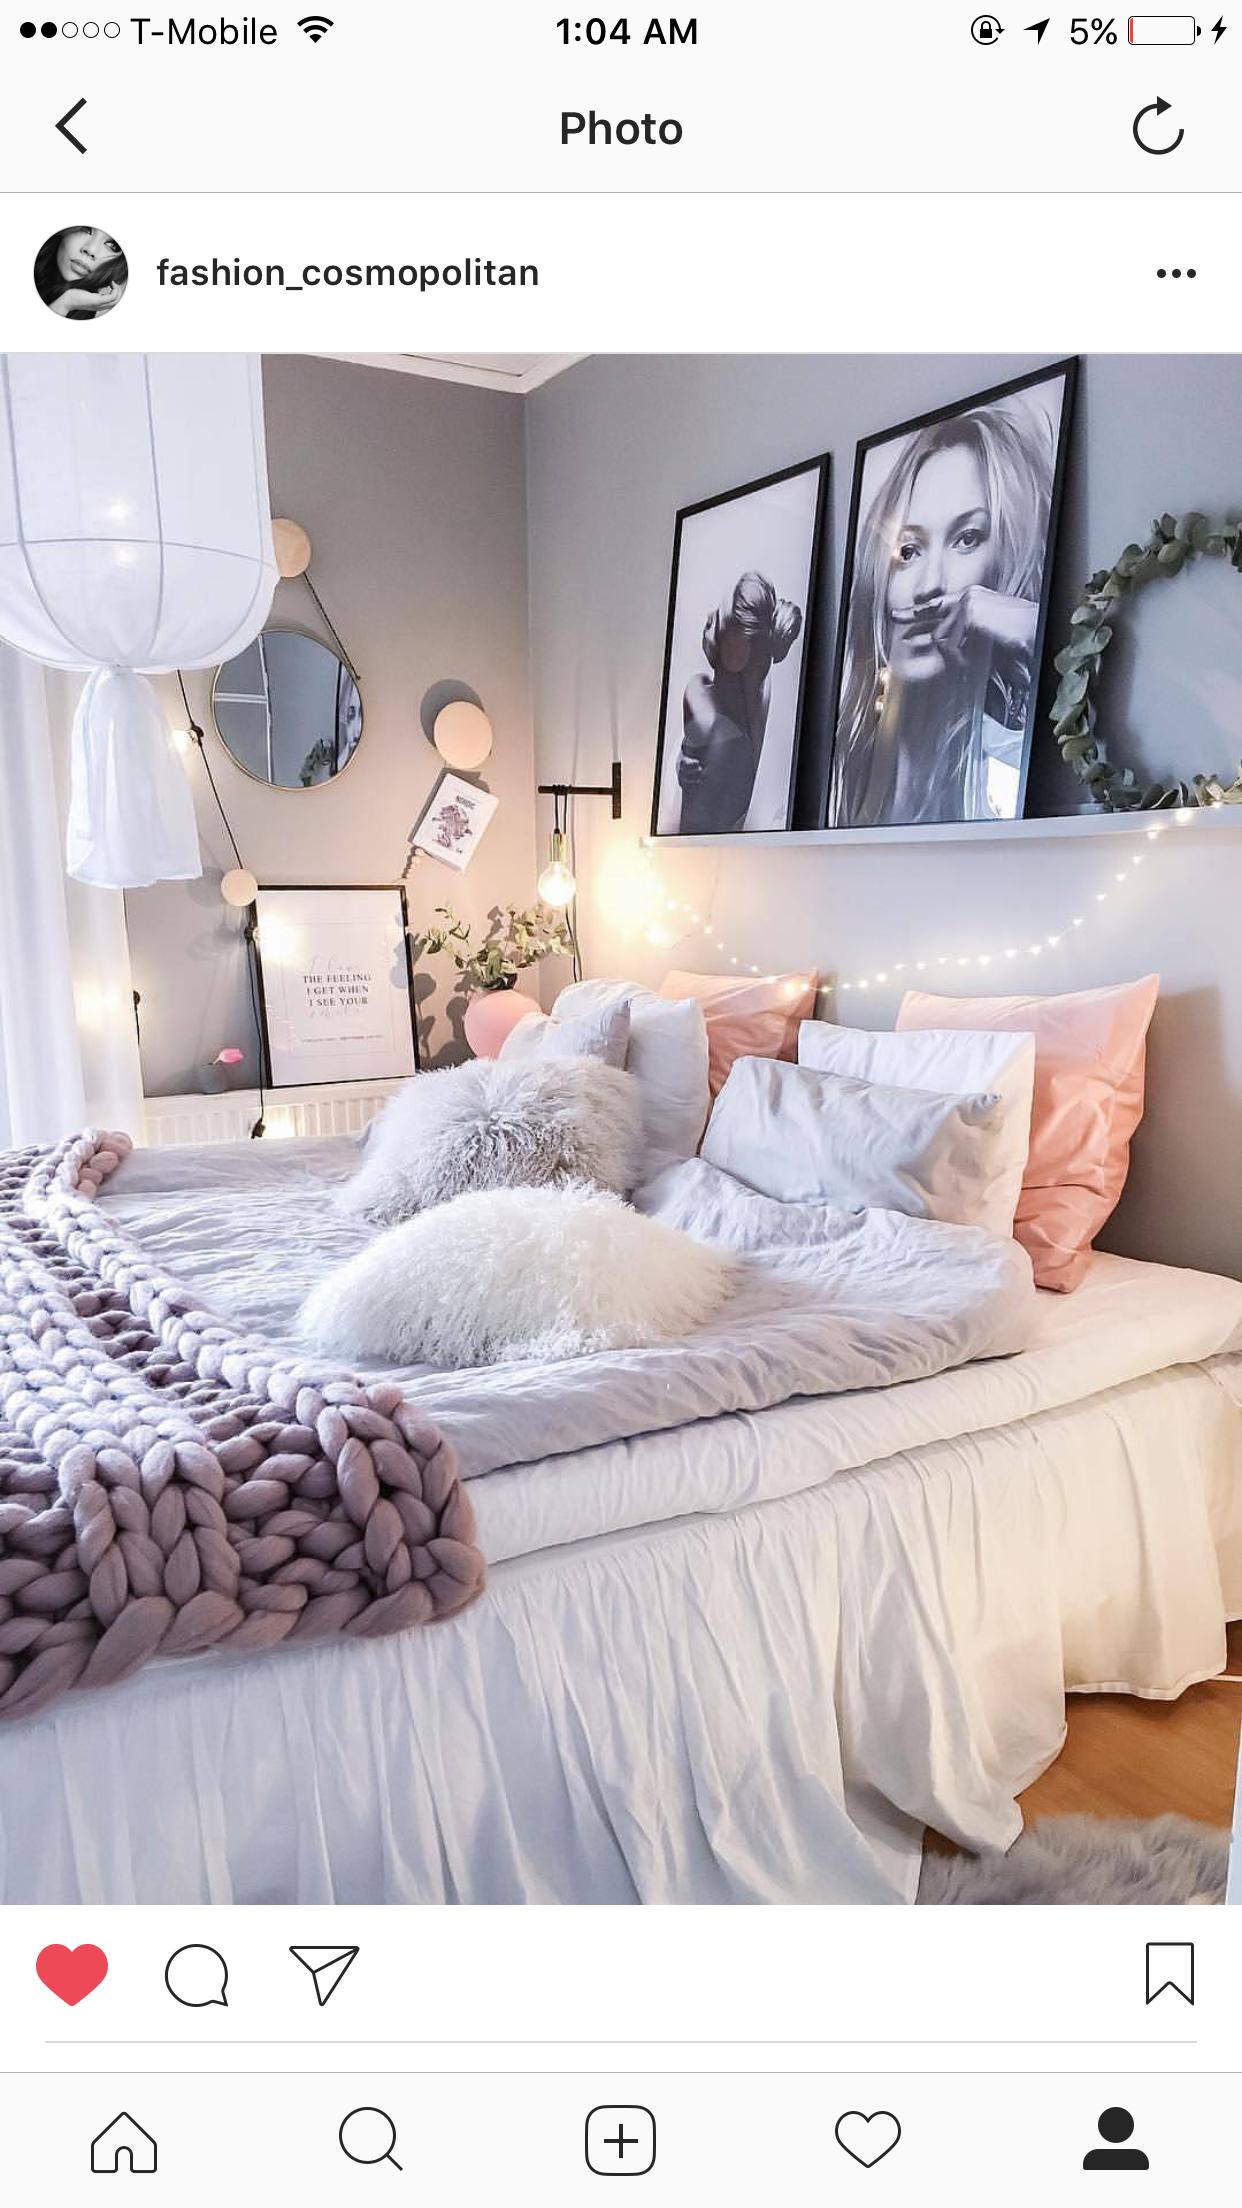 Romantisches schlafzimmer interieur pin von miririeck auf instpiration  pinterest  schlafzimmer